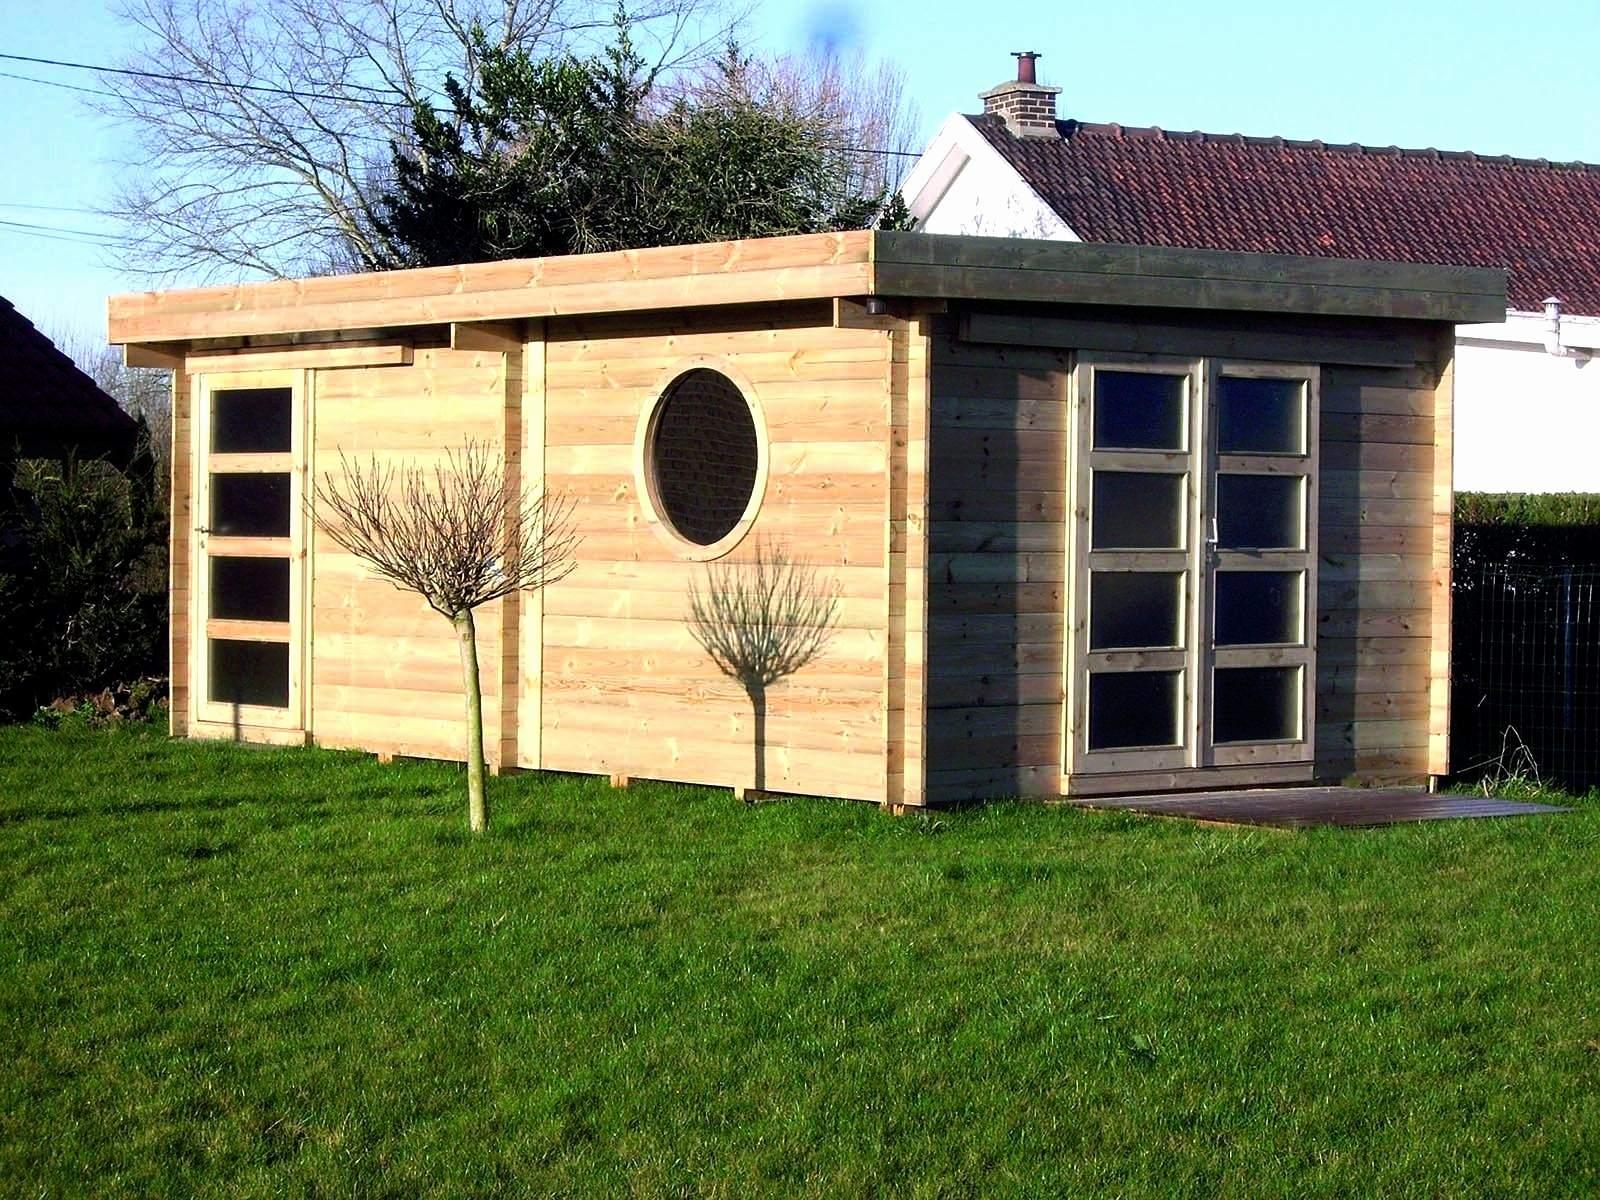 Cabane En Bois Pas Cher Nouveau Image Cabane De Jardin Metal Inspirant Amenager son Garage Luxe Amenager